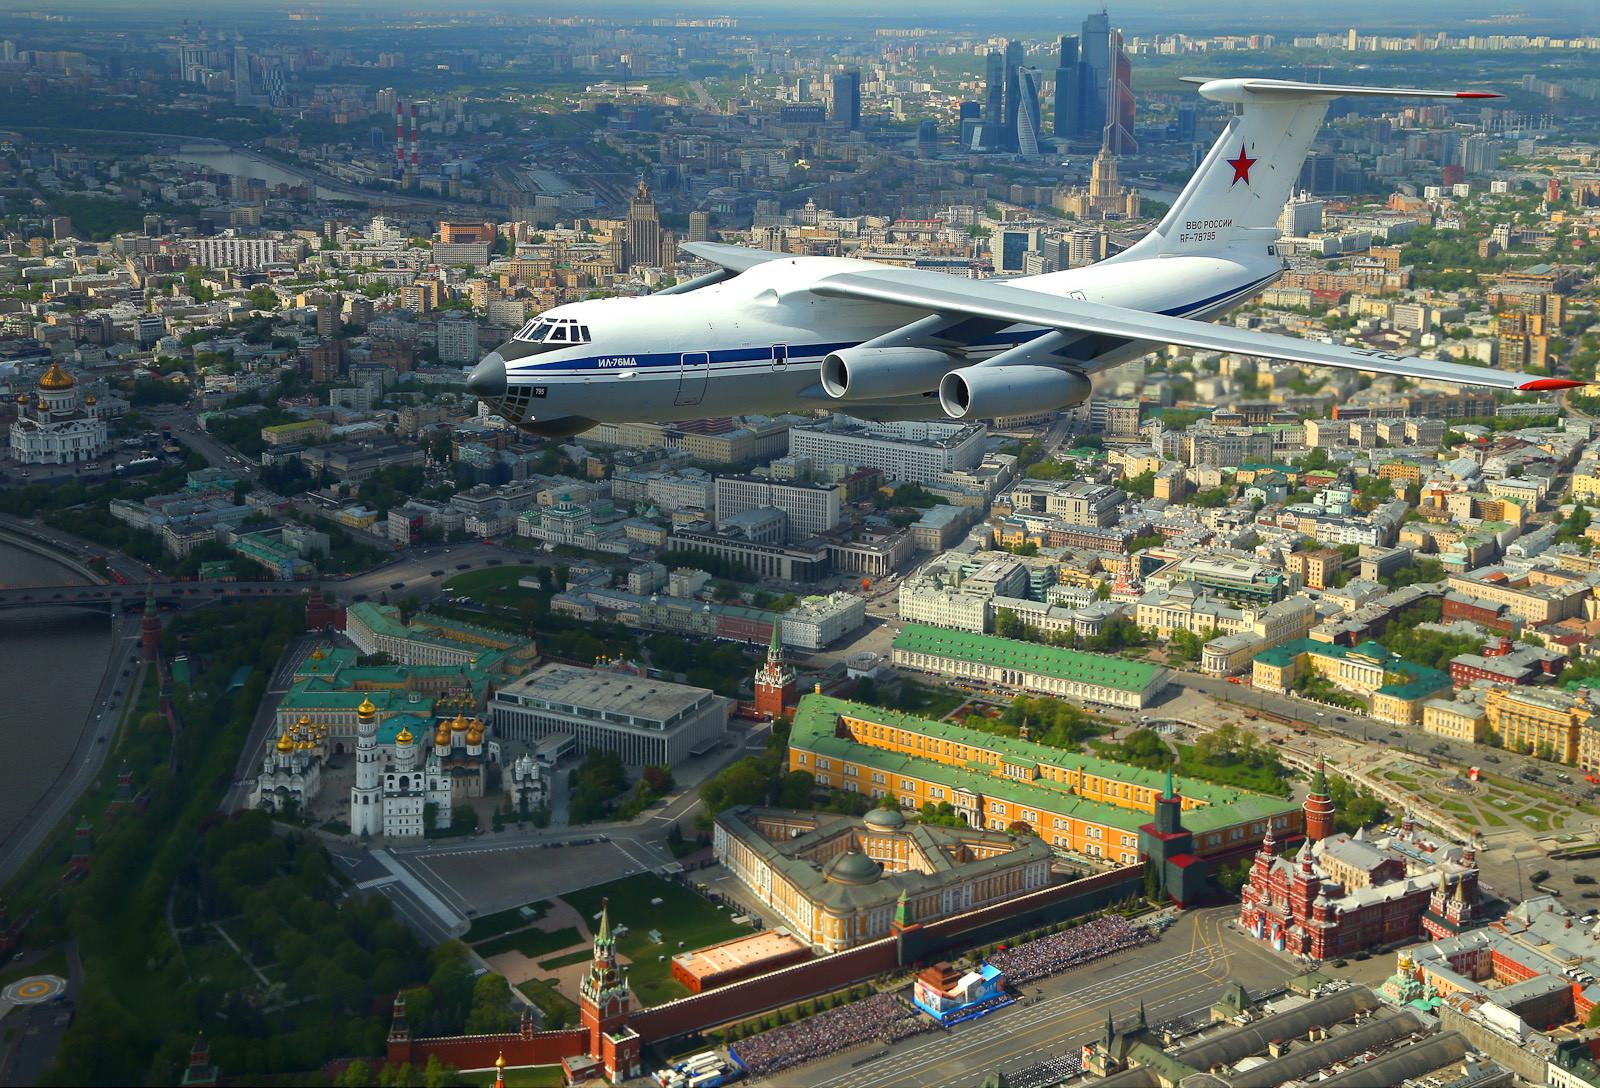 Илюшин Ил-76, многоцелеви, турбовитлов товарен самолет с четири двигателя, заснет над Кремъл.